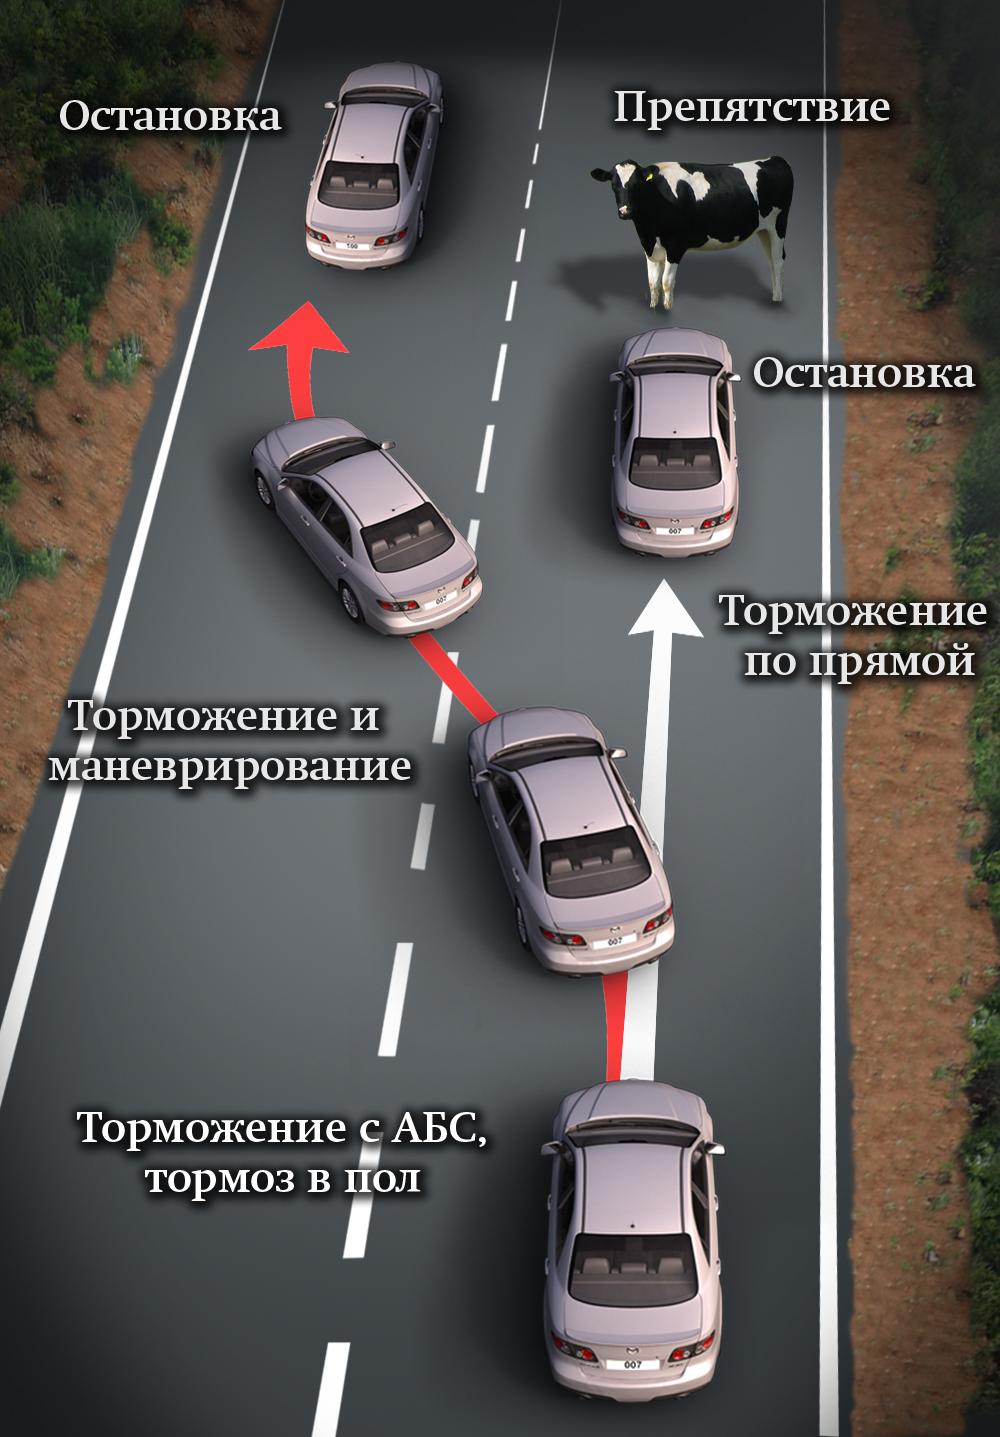 Тормозной путь при экстренном торможении автомобиля 40